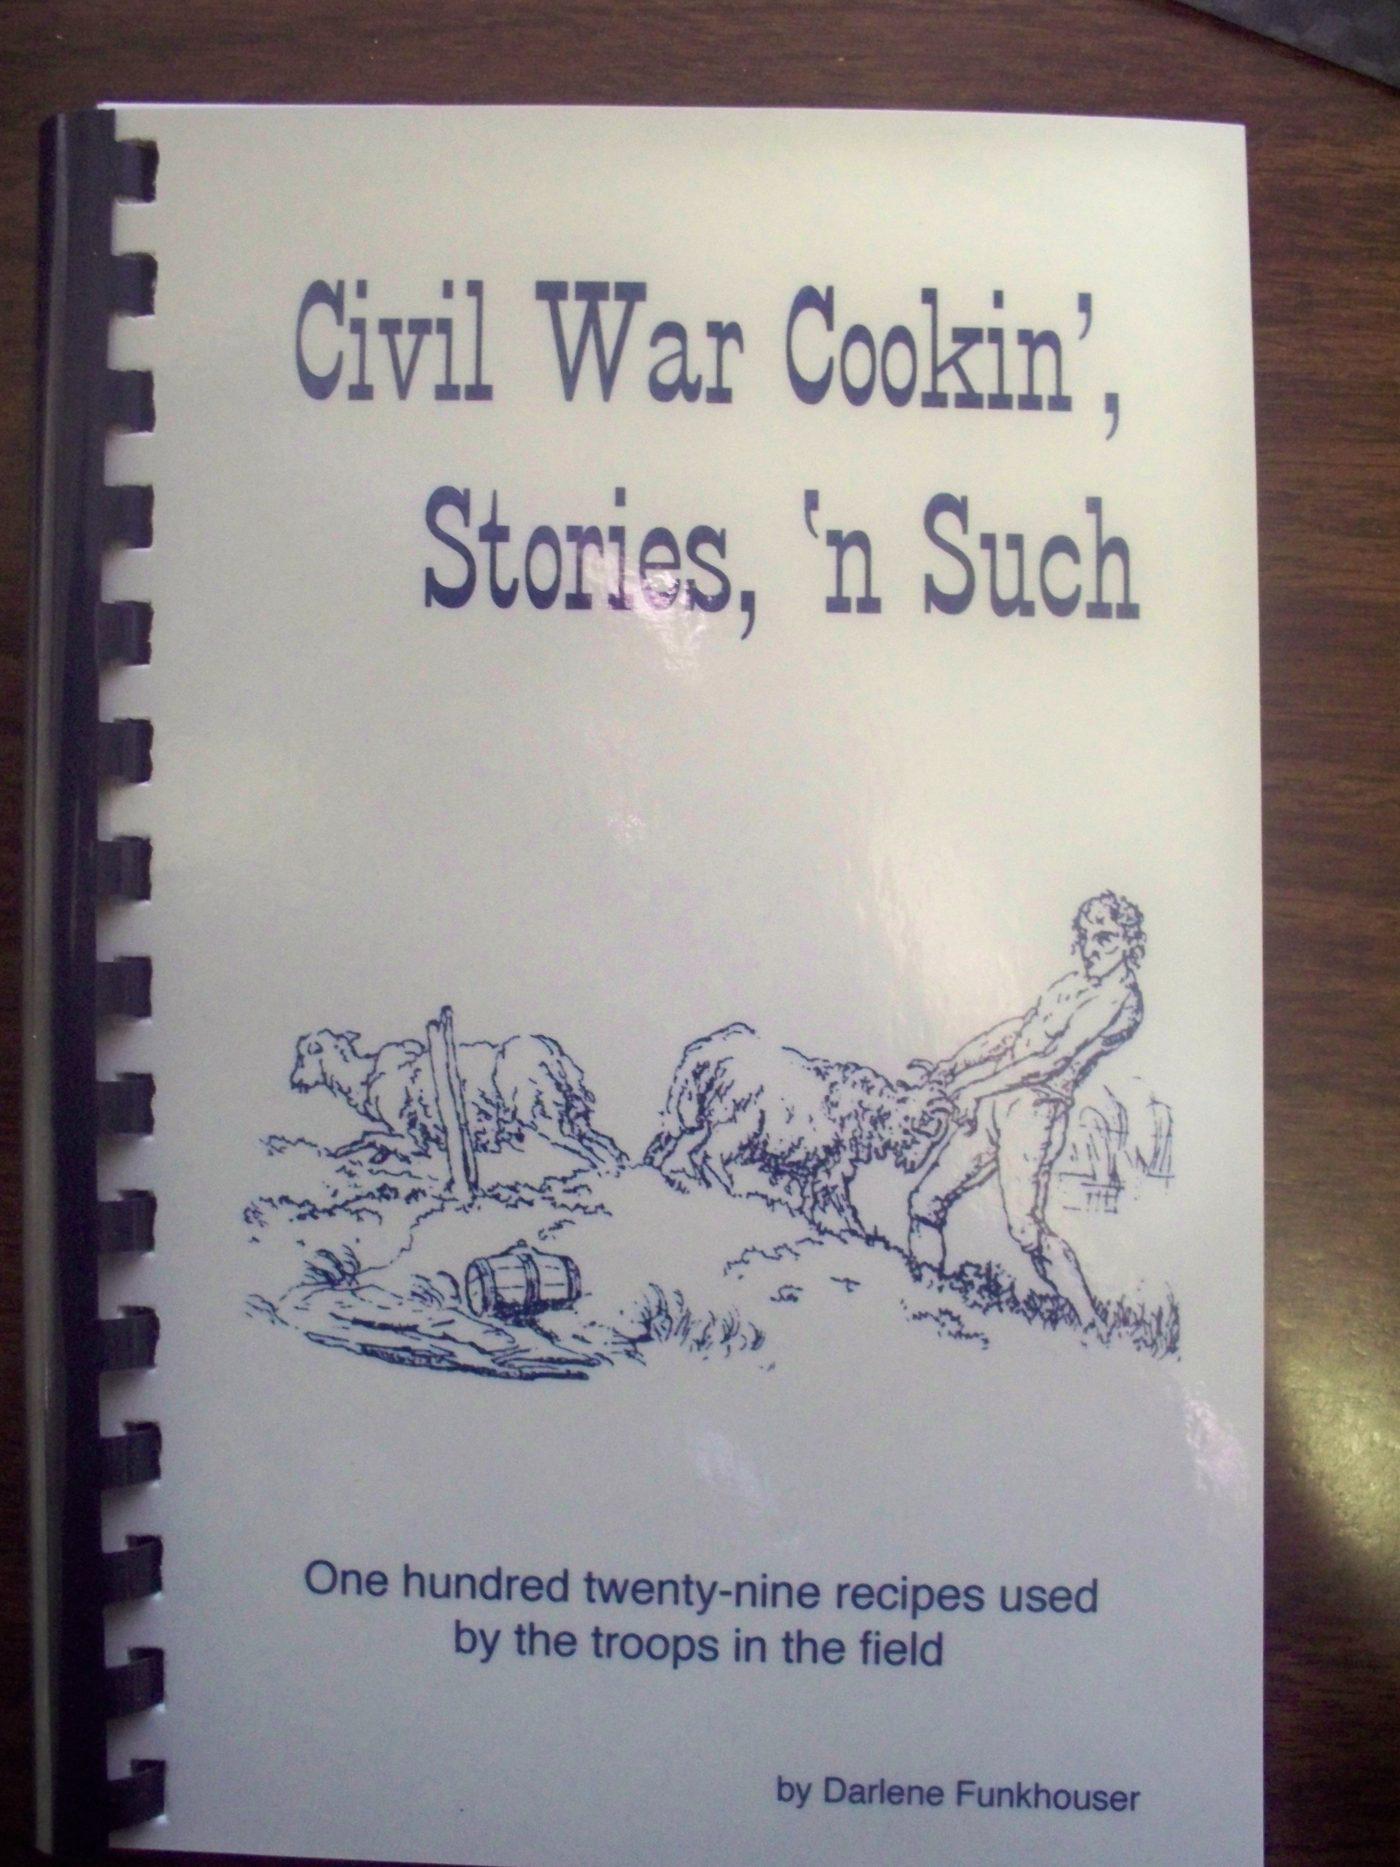 Civil War Cookin', Stories, 'N Such